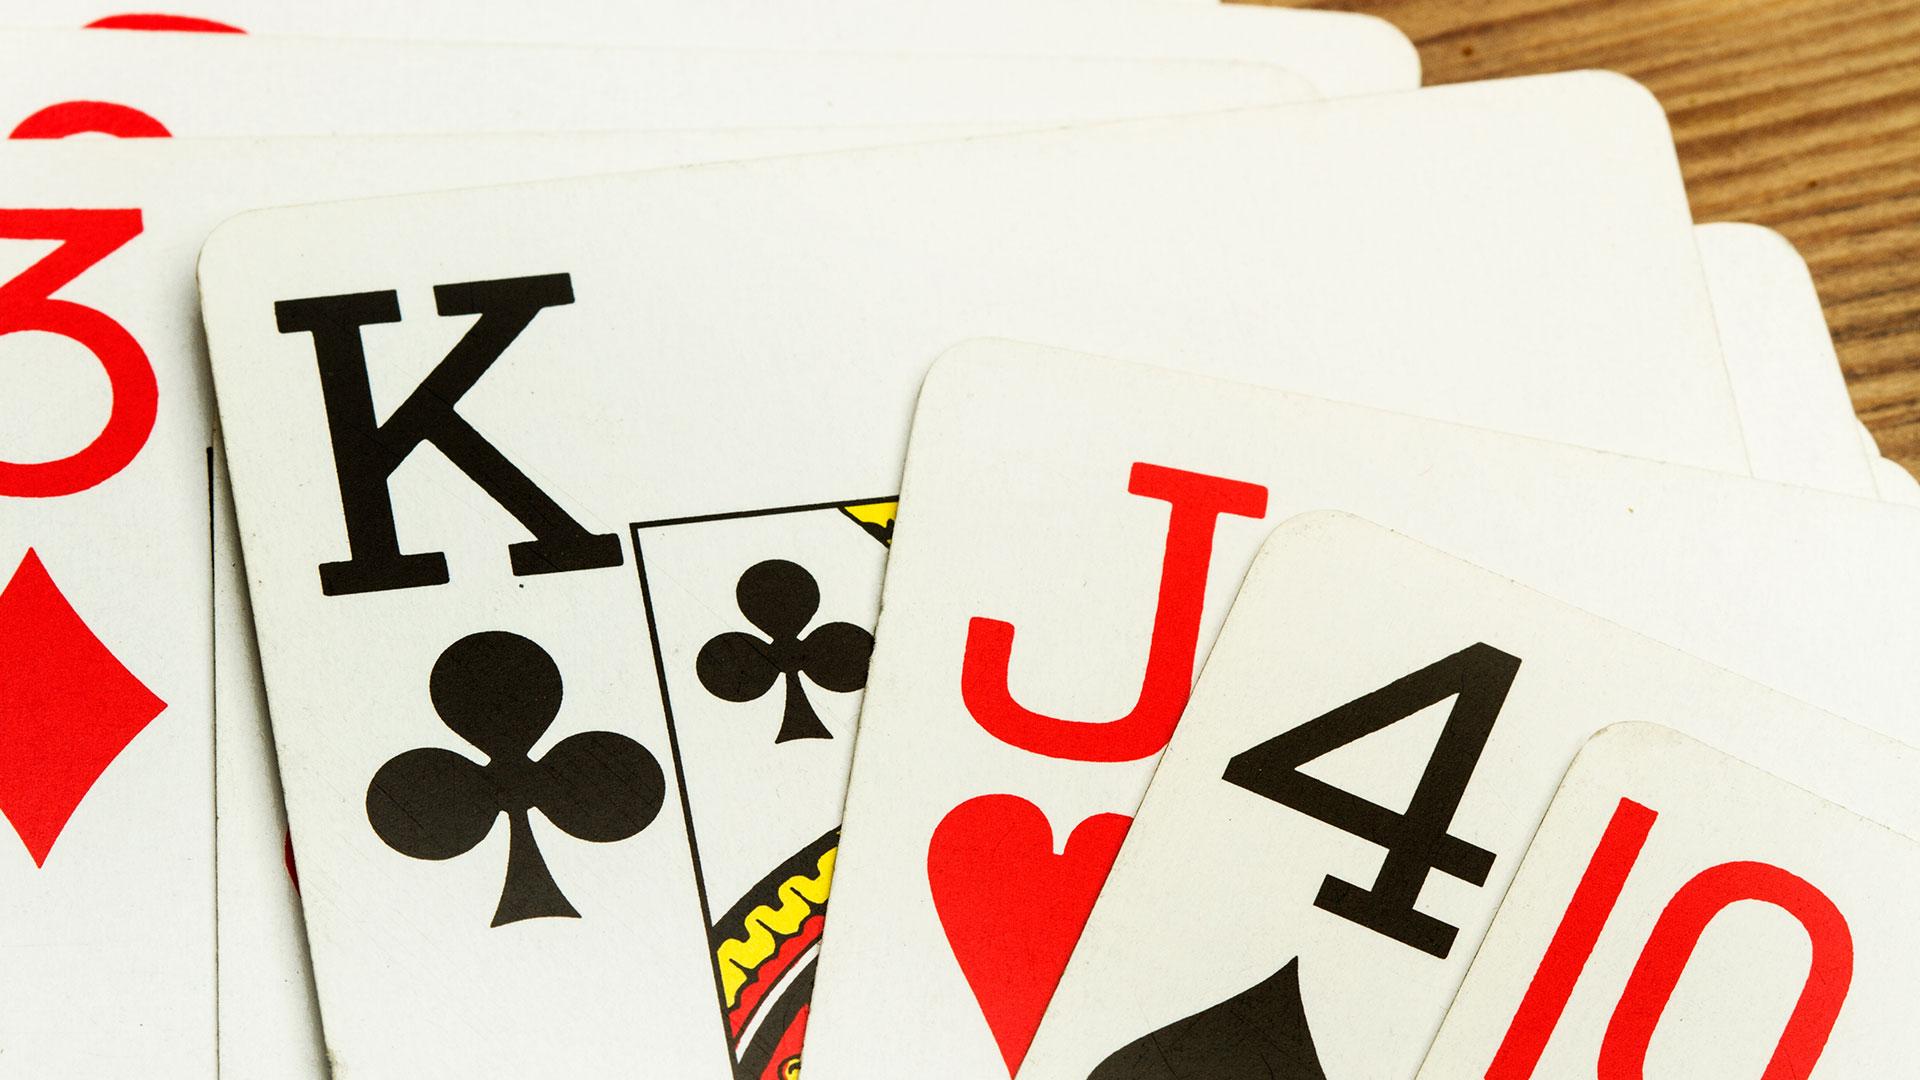 La seducción del póquer hero asset